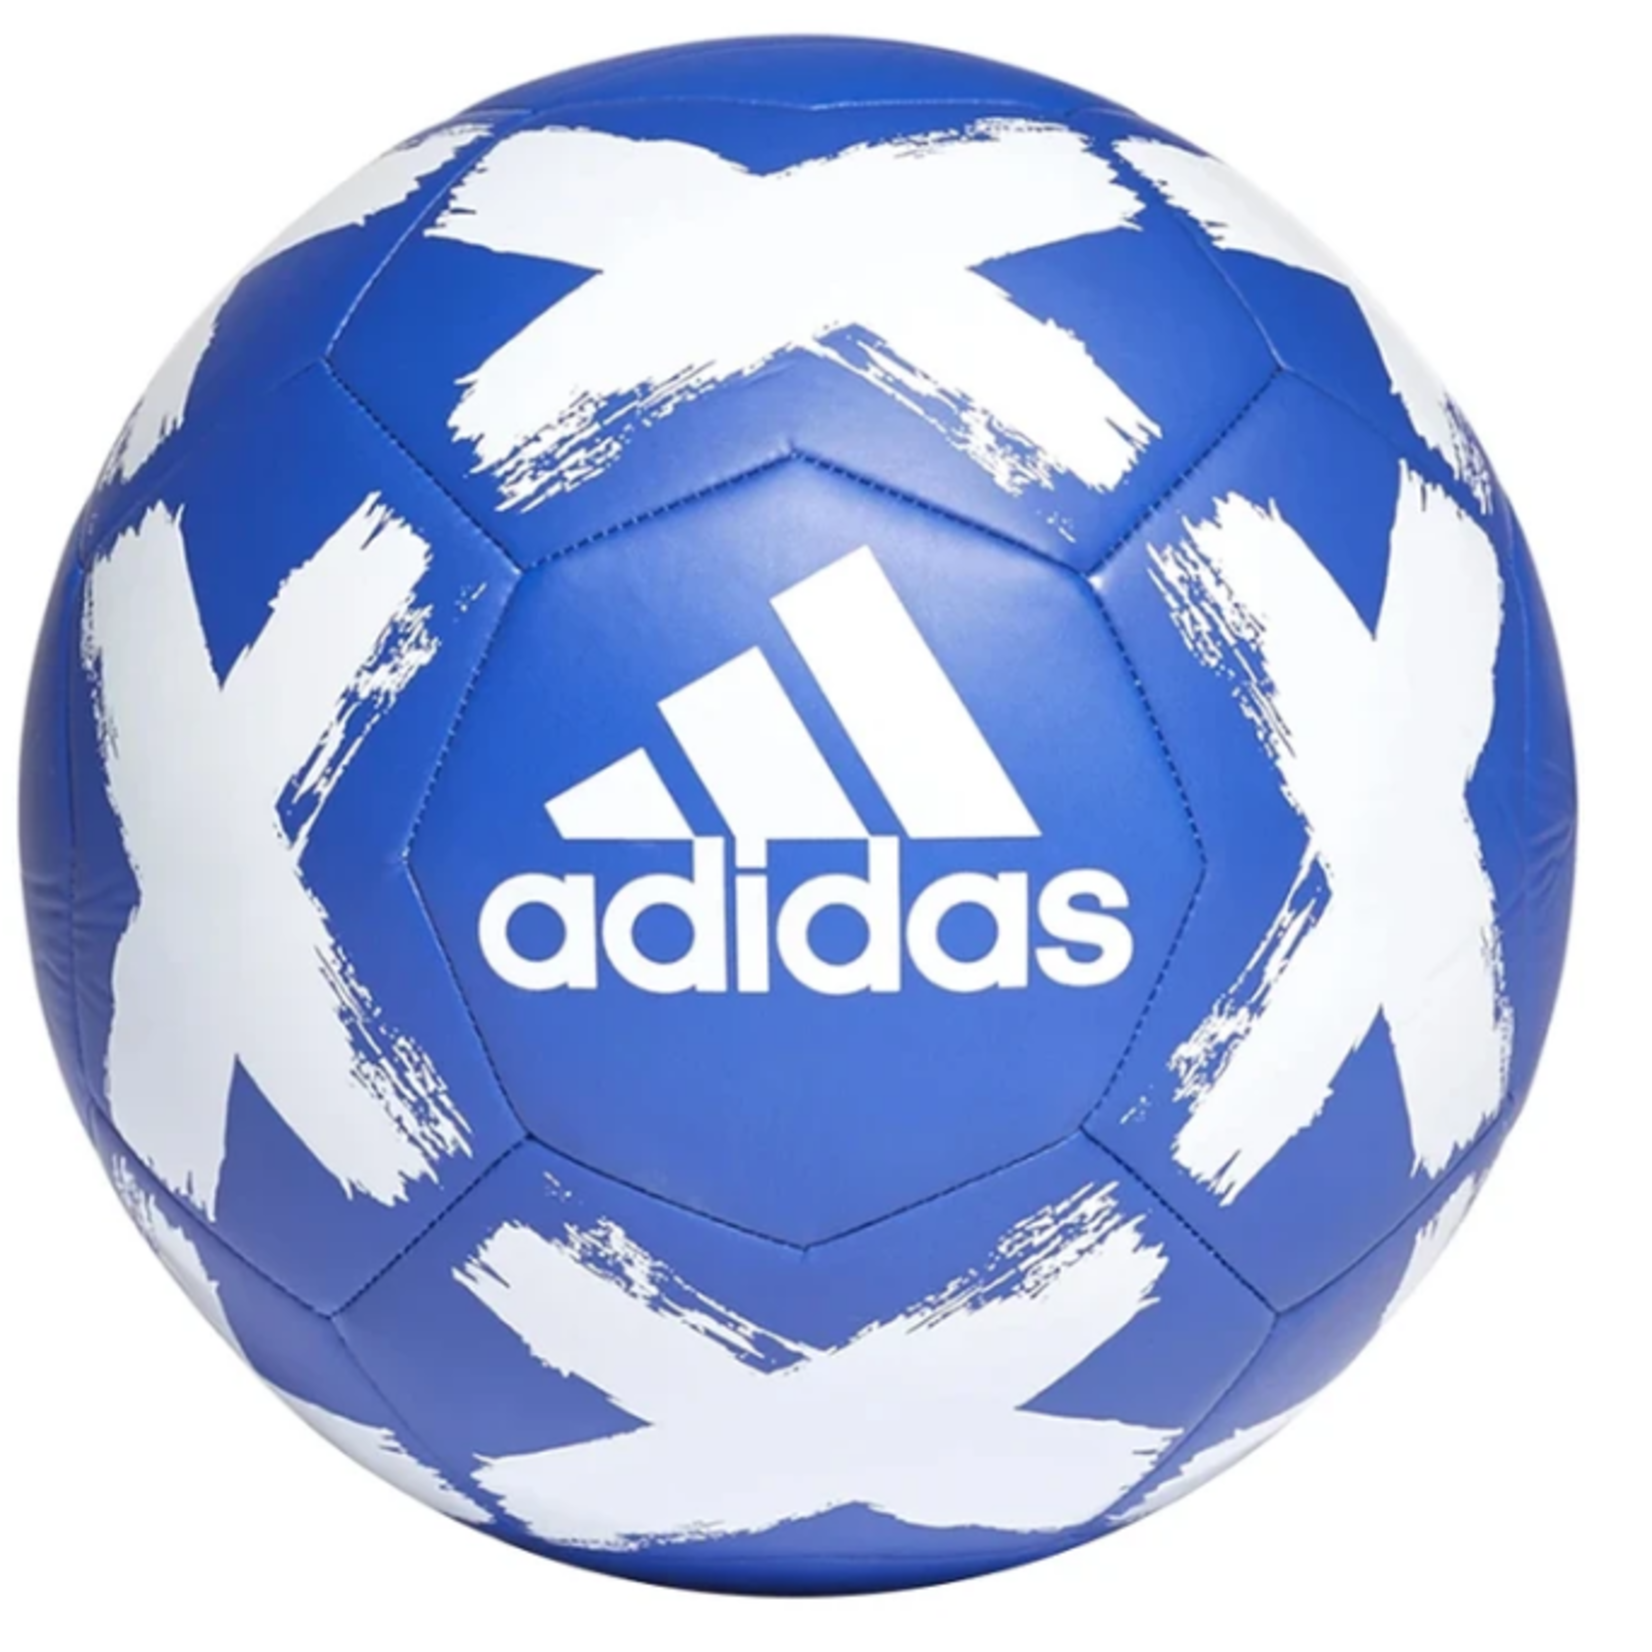 Adidas Adidas Starlancer Club Soccer Ball